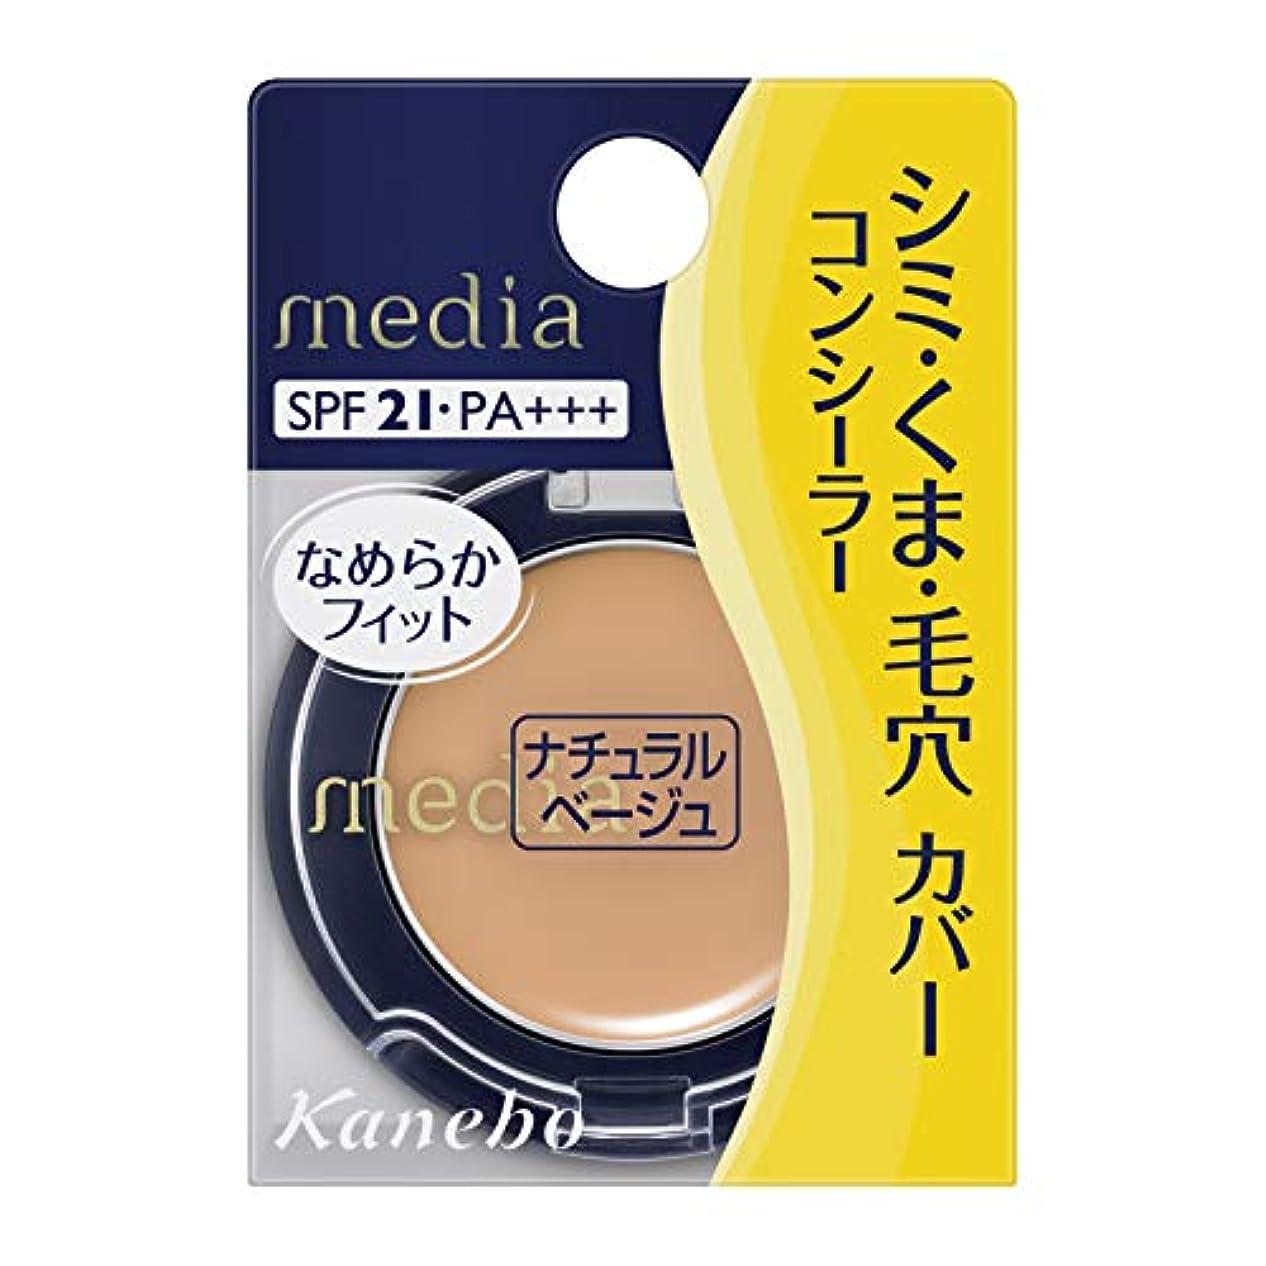 晴れ後者連鎖カネボウ化粧品 メディア コンシーラー S ナチュラルベージュ 1.7g